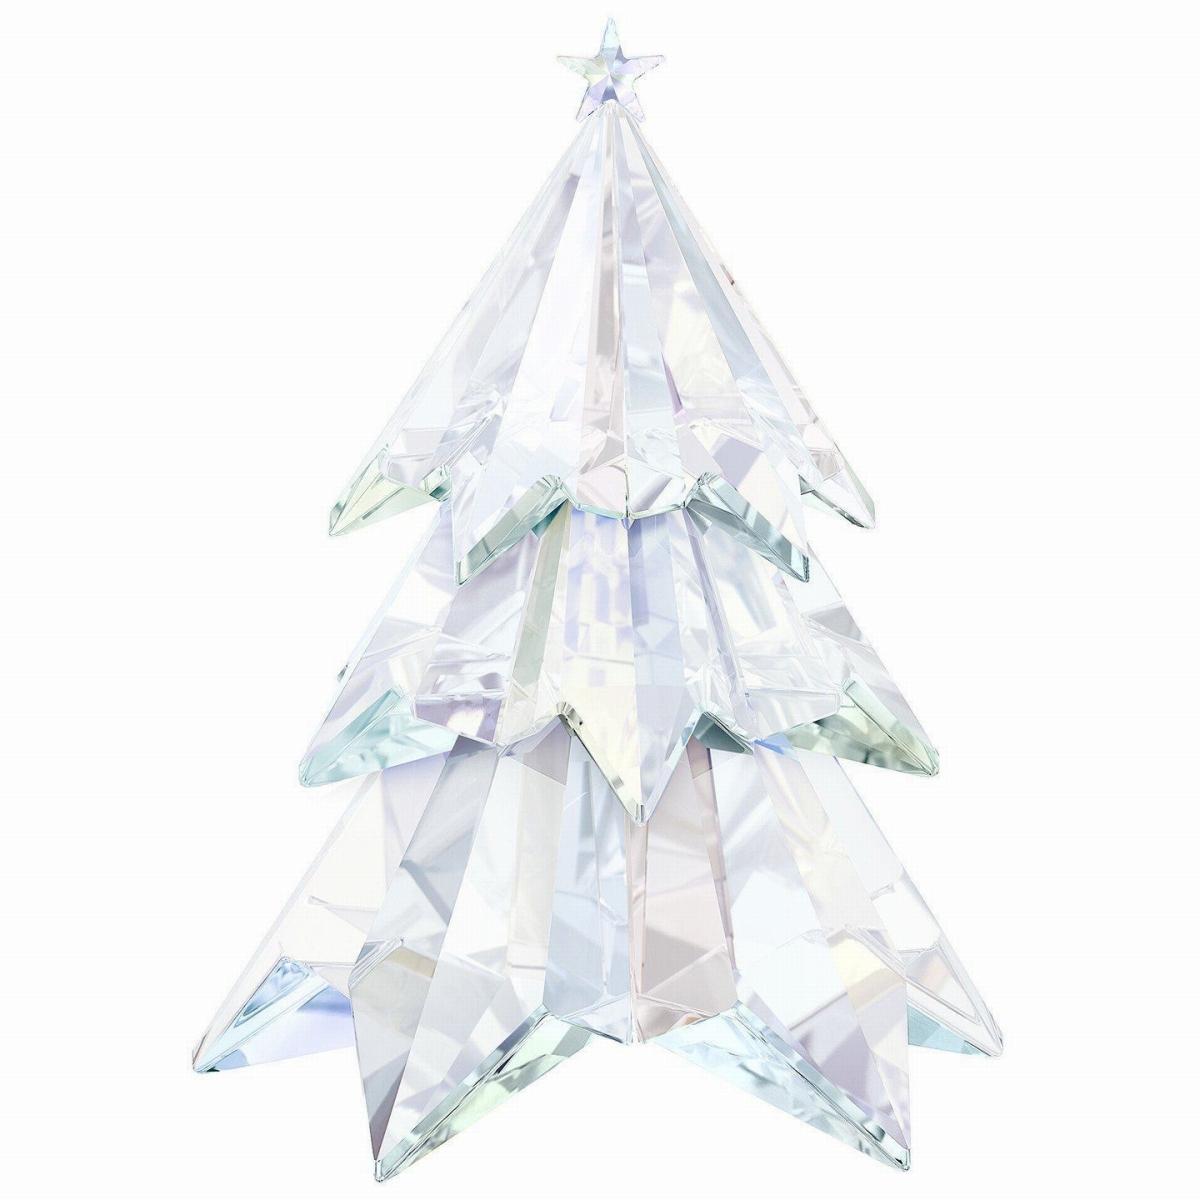 スワロフスキー(SWAROVSKI)クリスマスツリー クリスタルオブジェ/オーナメント/Crystal Aurora Boreale Christmas Tree Crystal